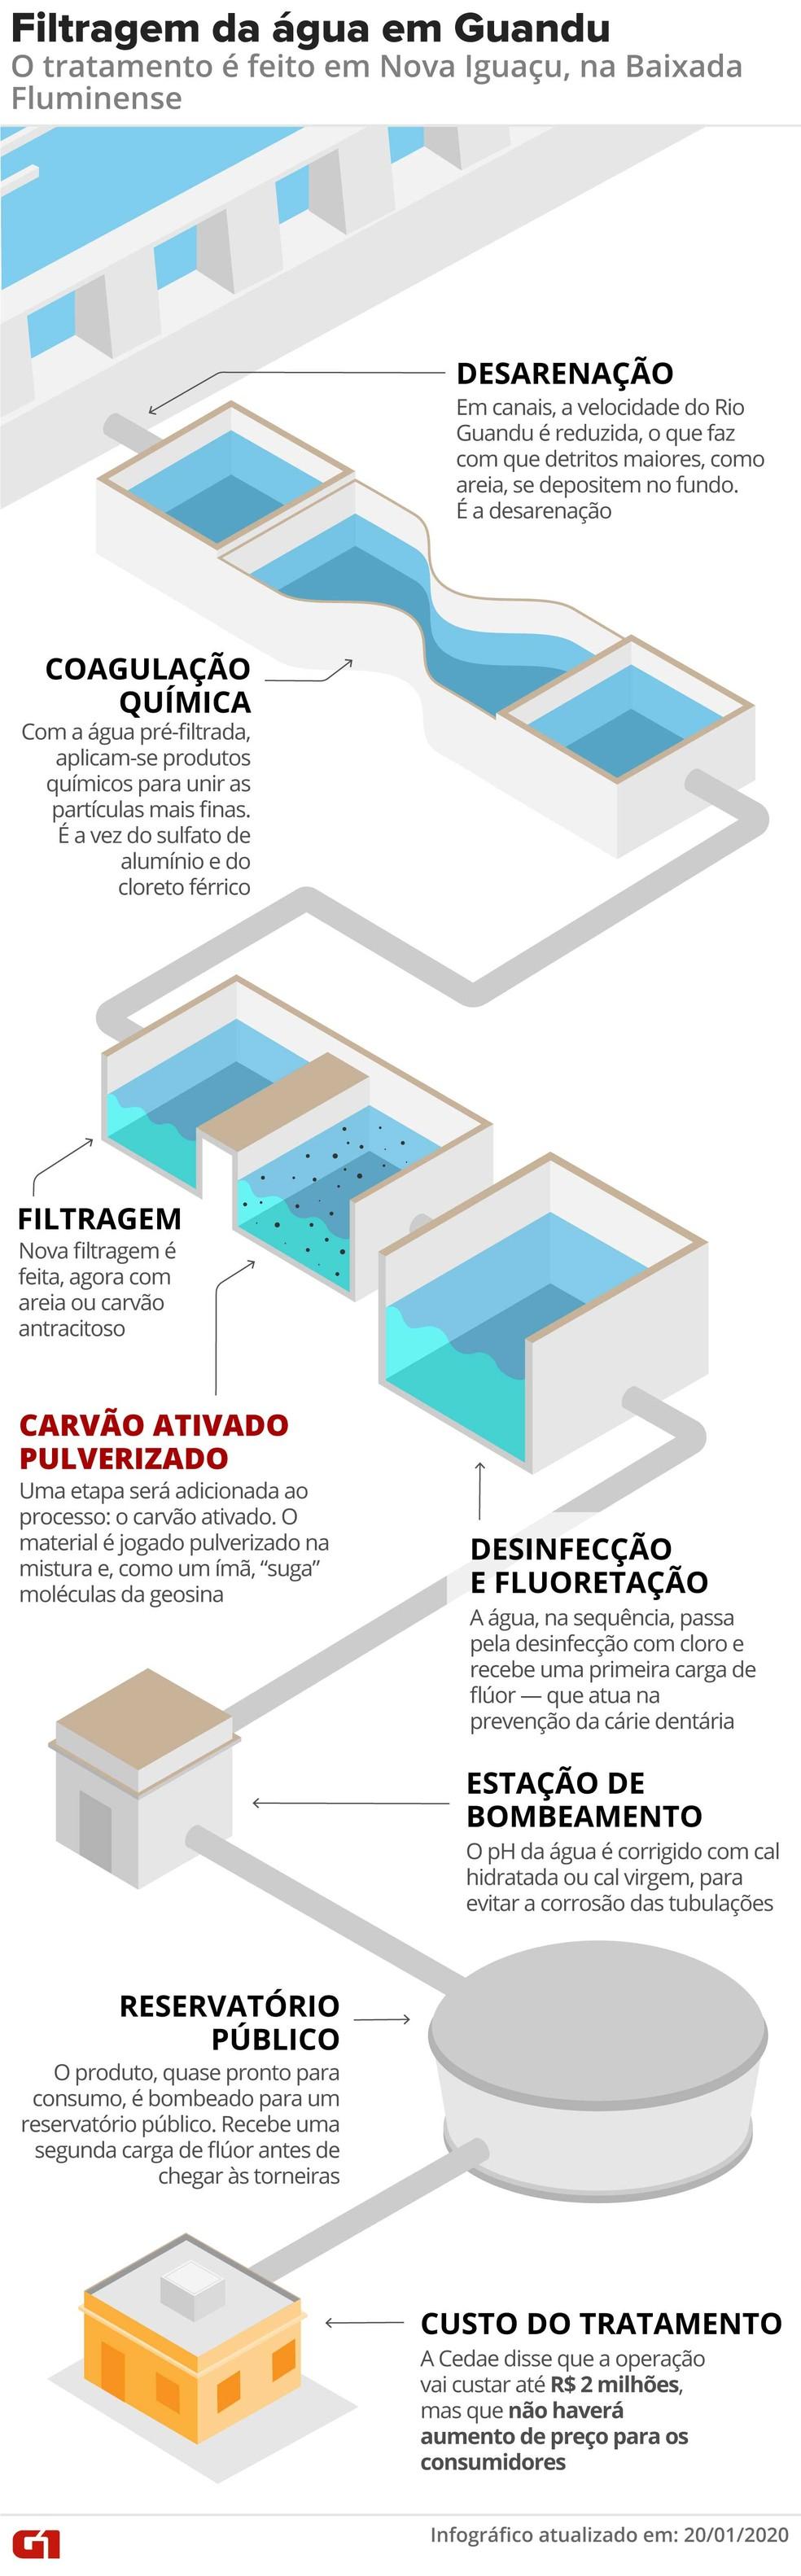 Arte mostra o processo de tratamento da água do rio Guandu para consumo — Foto: Infografia: Rodrigo Sanches/G1